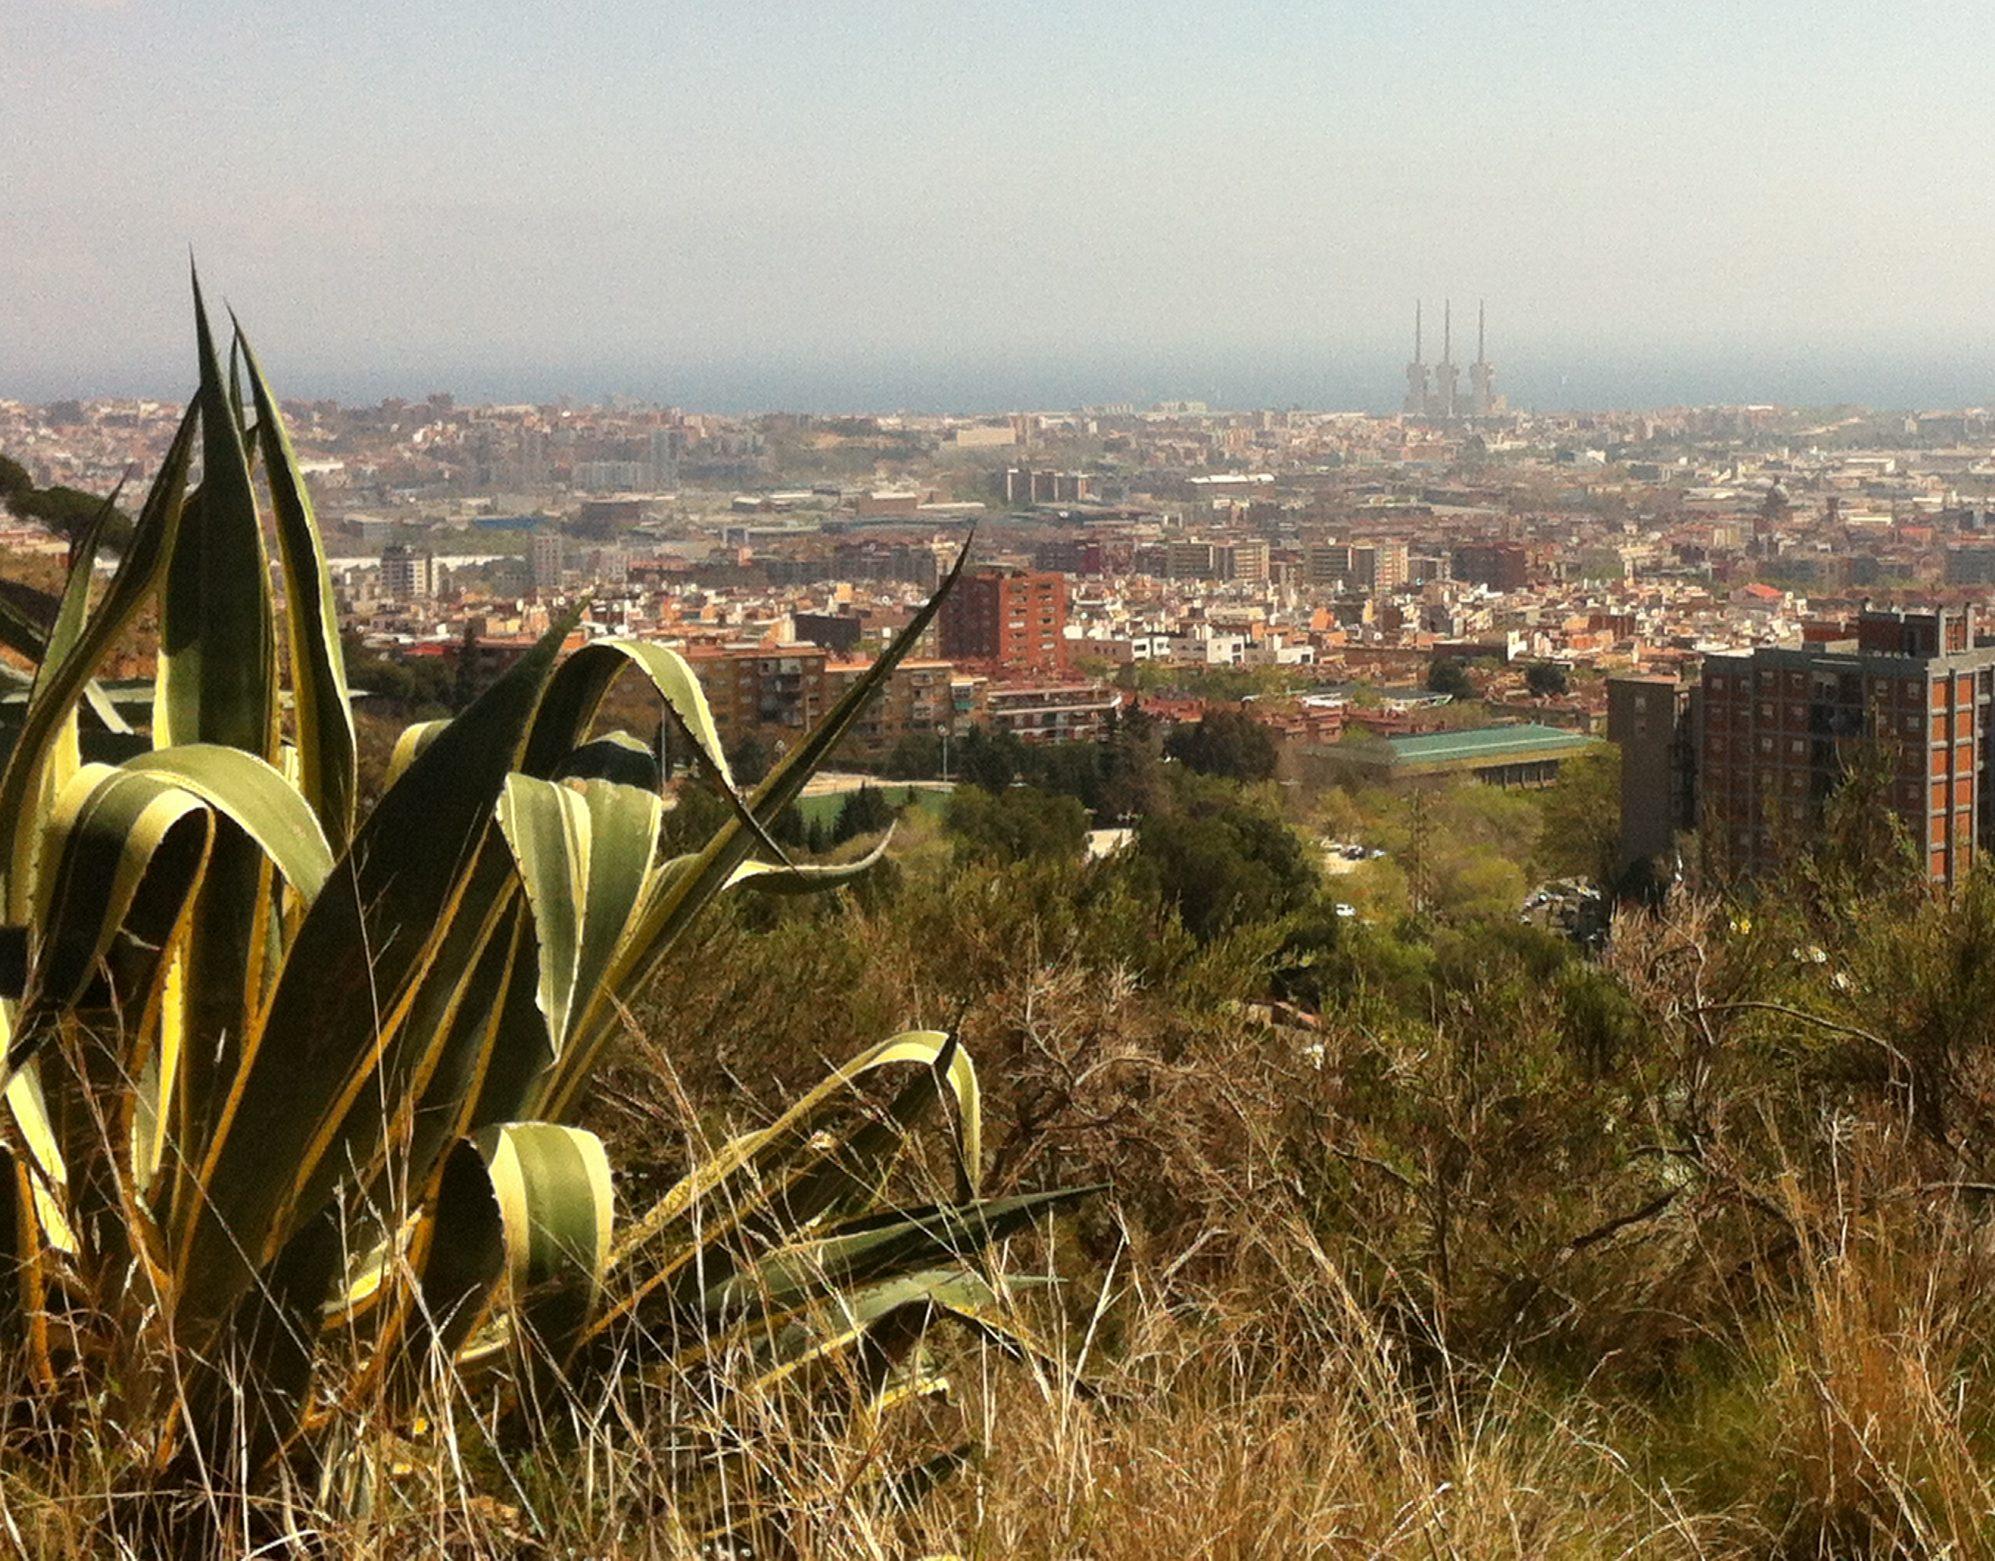 View over Barcelona city from the Carretera de las Aguas